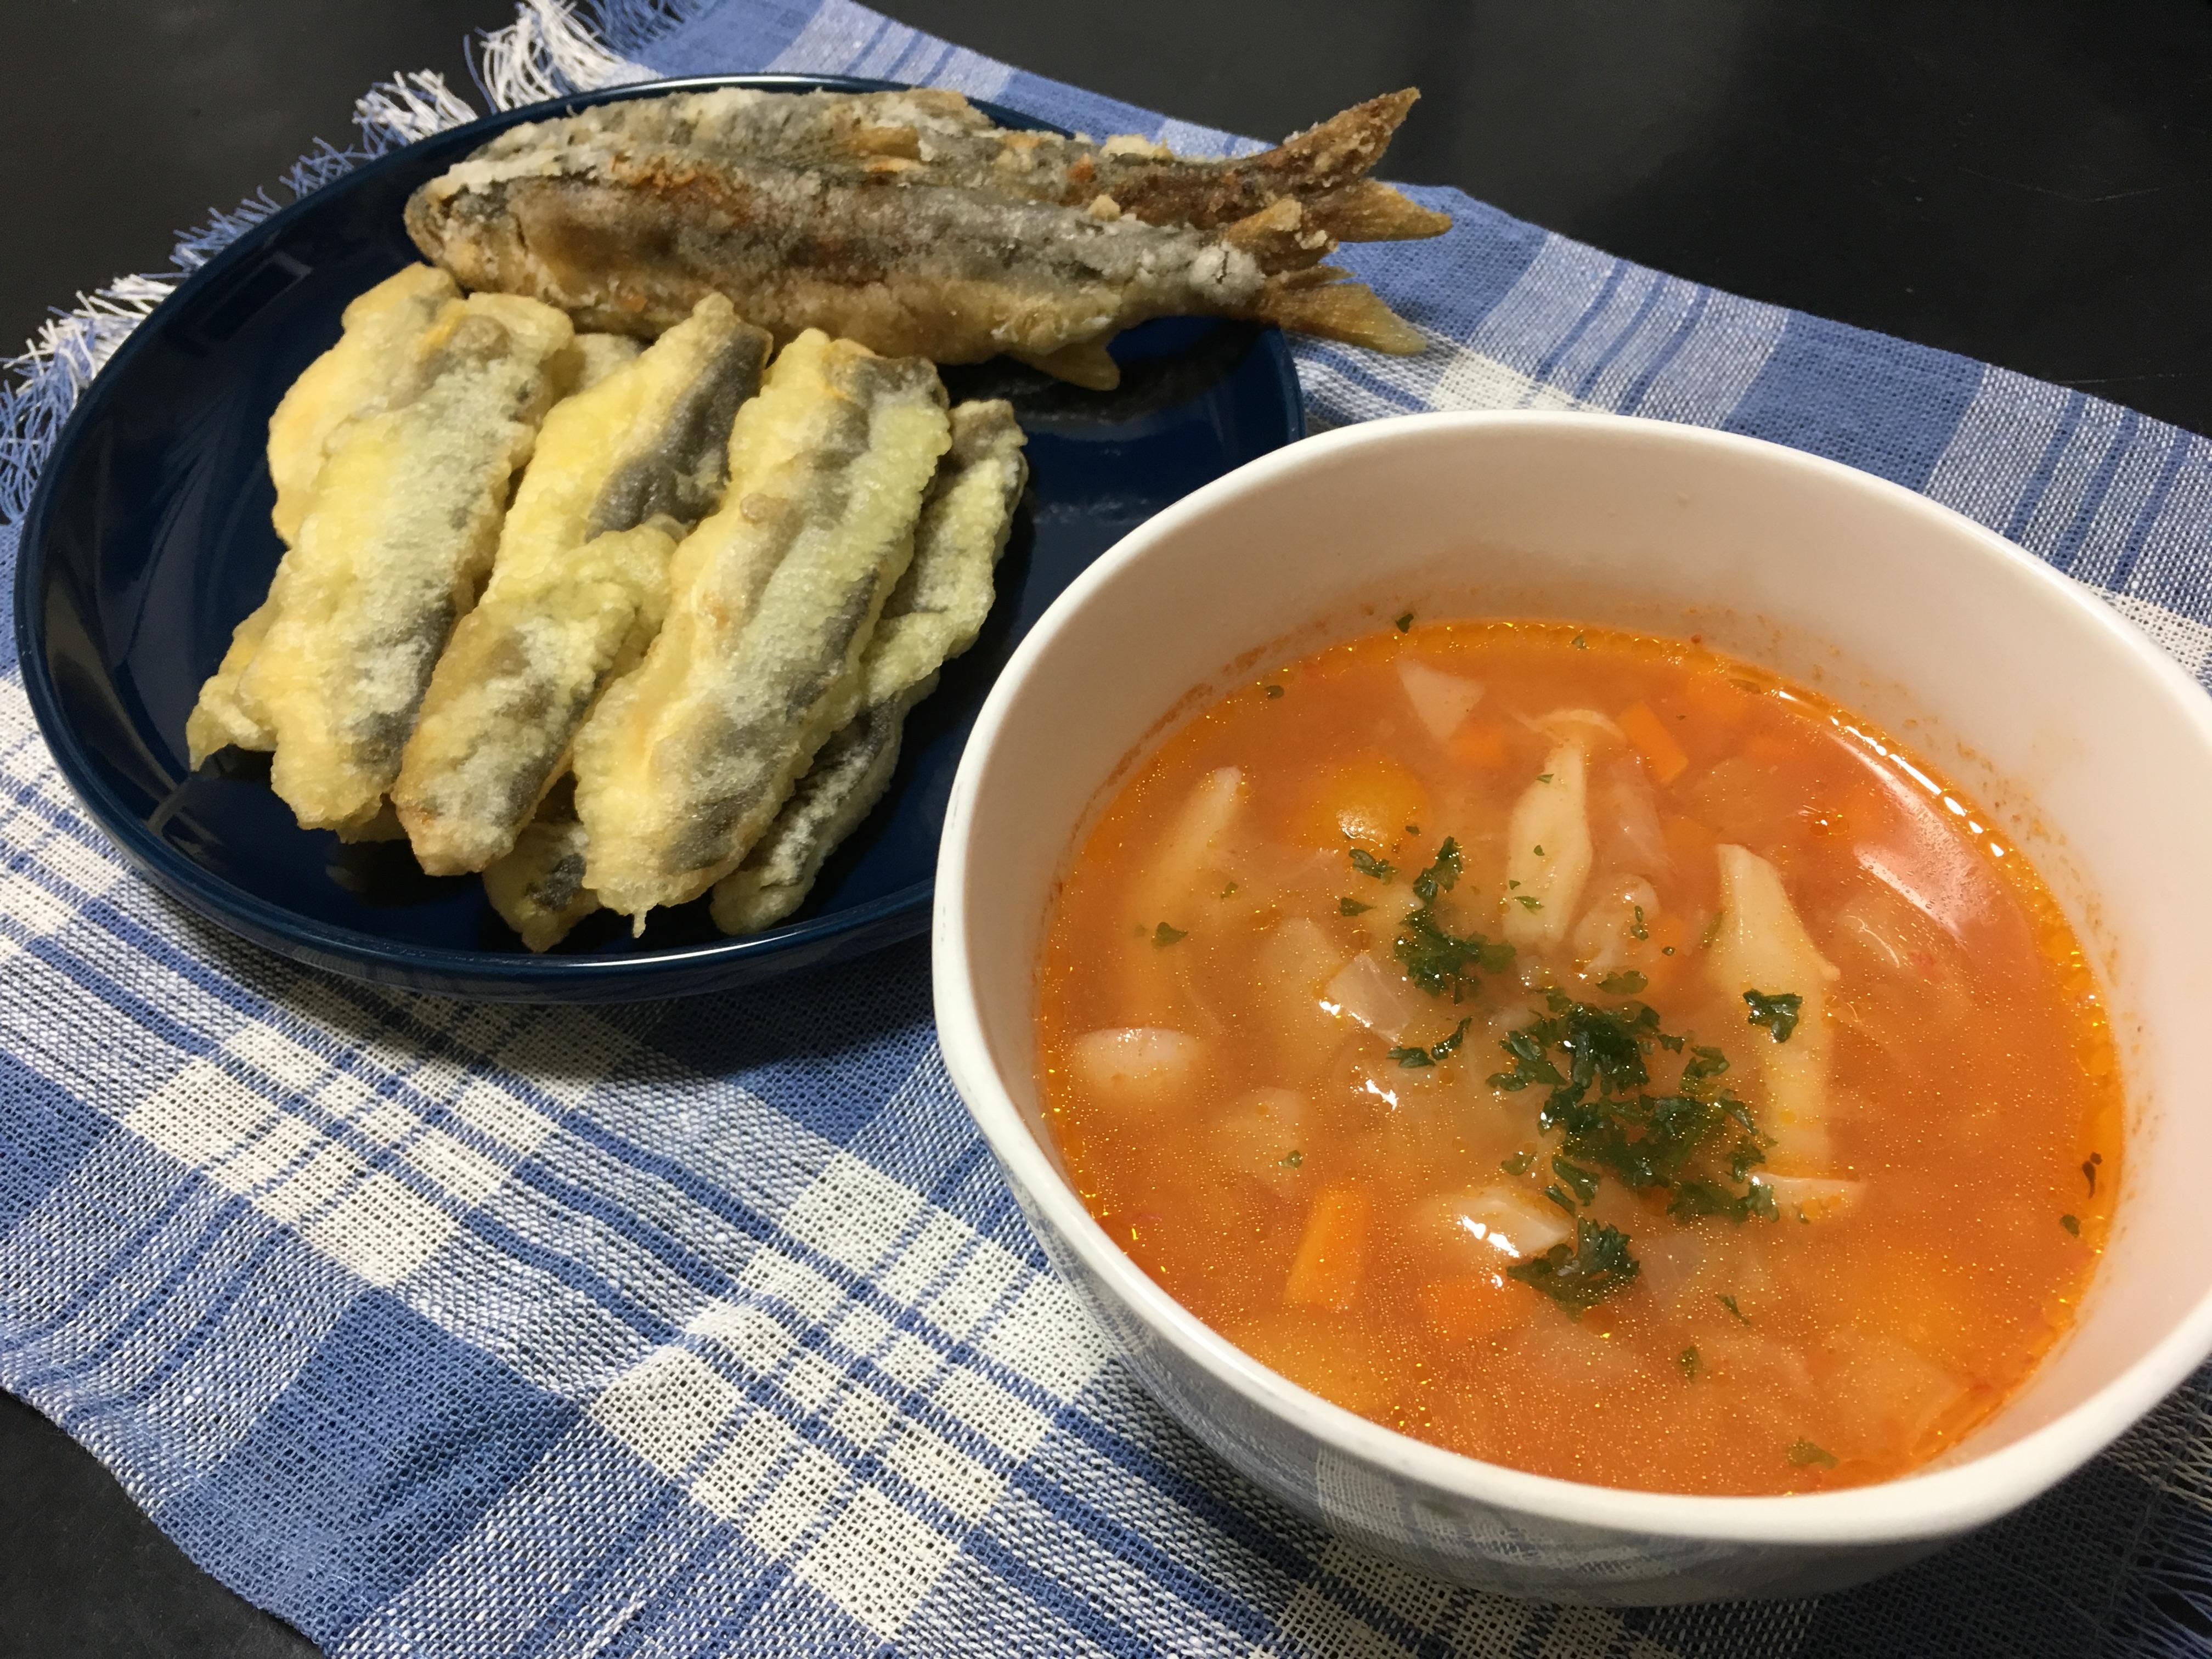 鮎のあらでとったダシで作ったミネストローネ。そして鮎の唐揚げと鮎の天ぷらです。鮎づくし(笑)